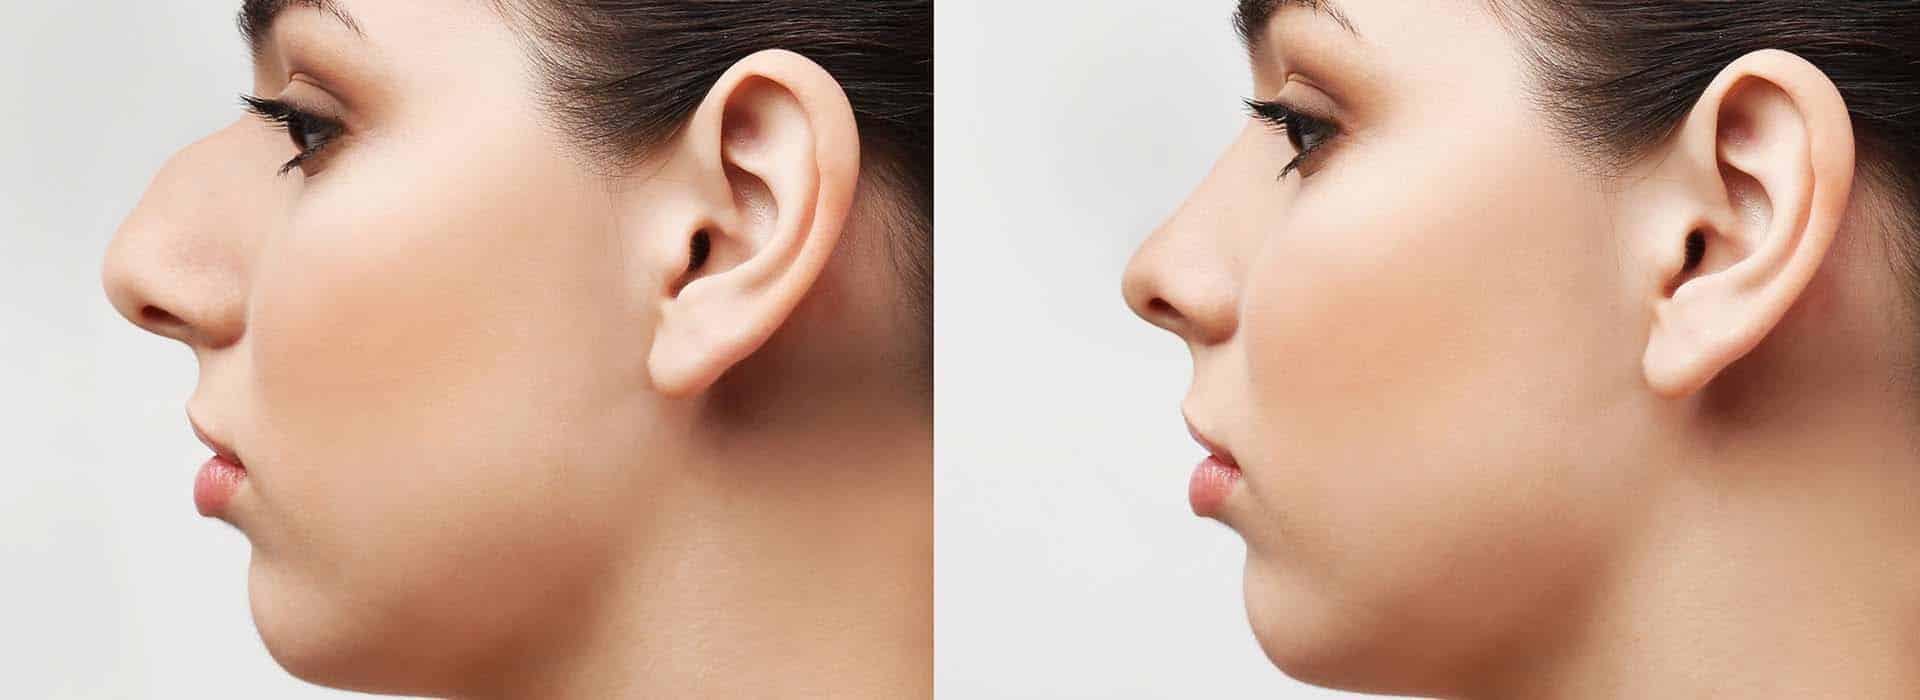 Rinoplastia de nariz ancha